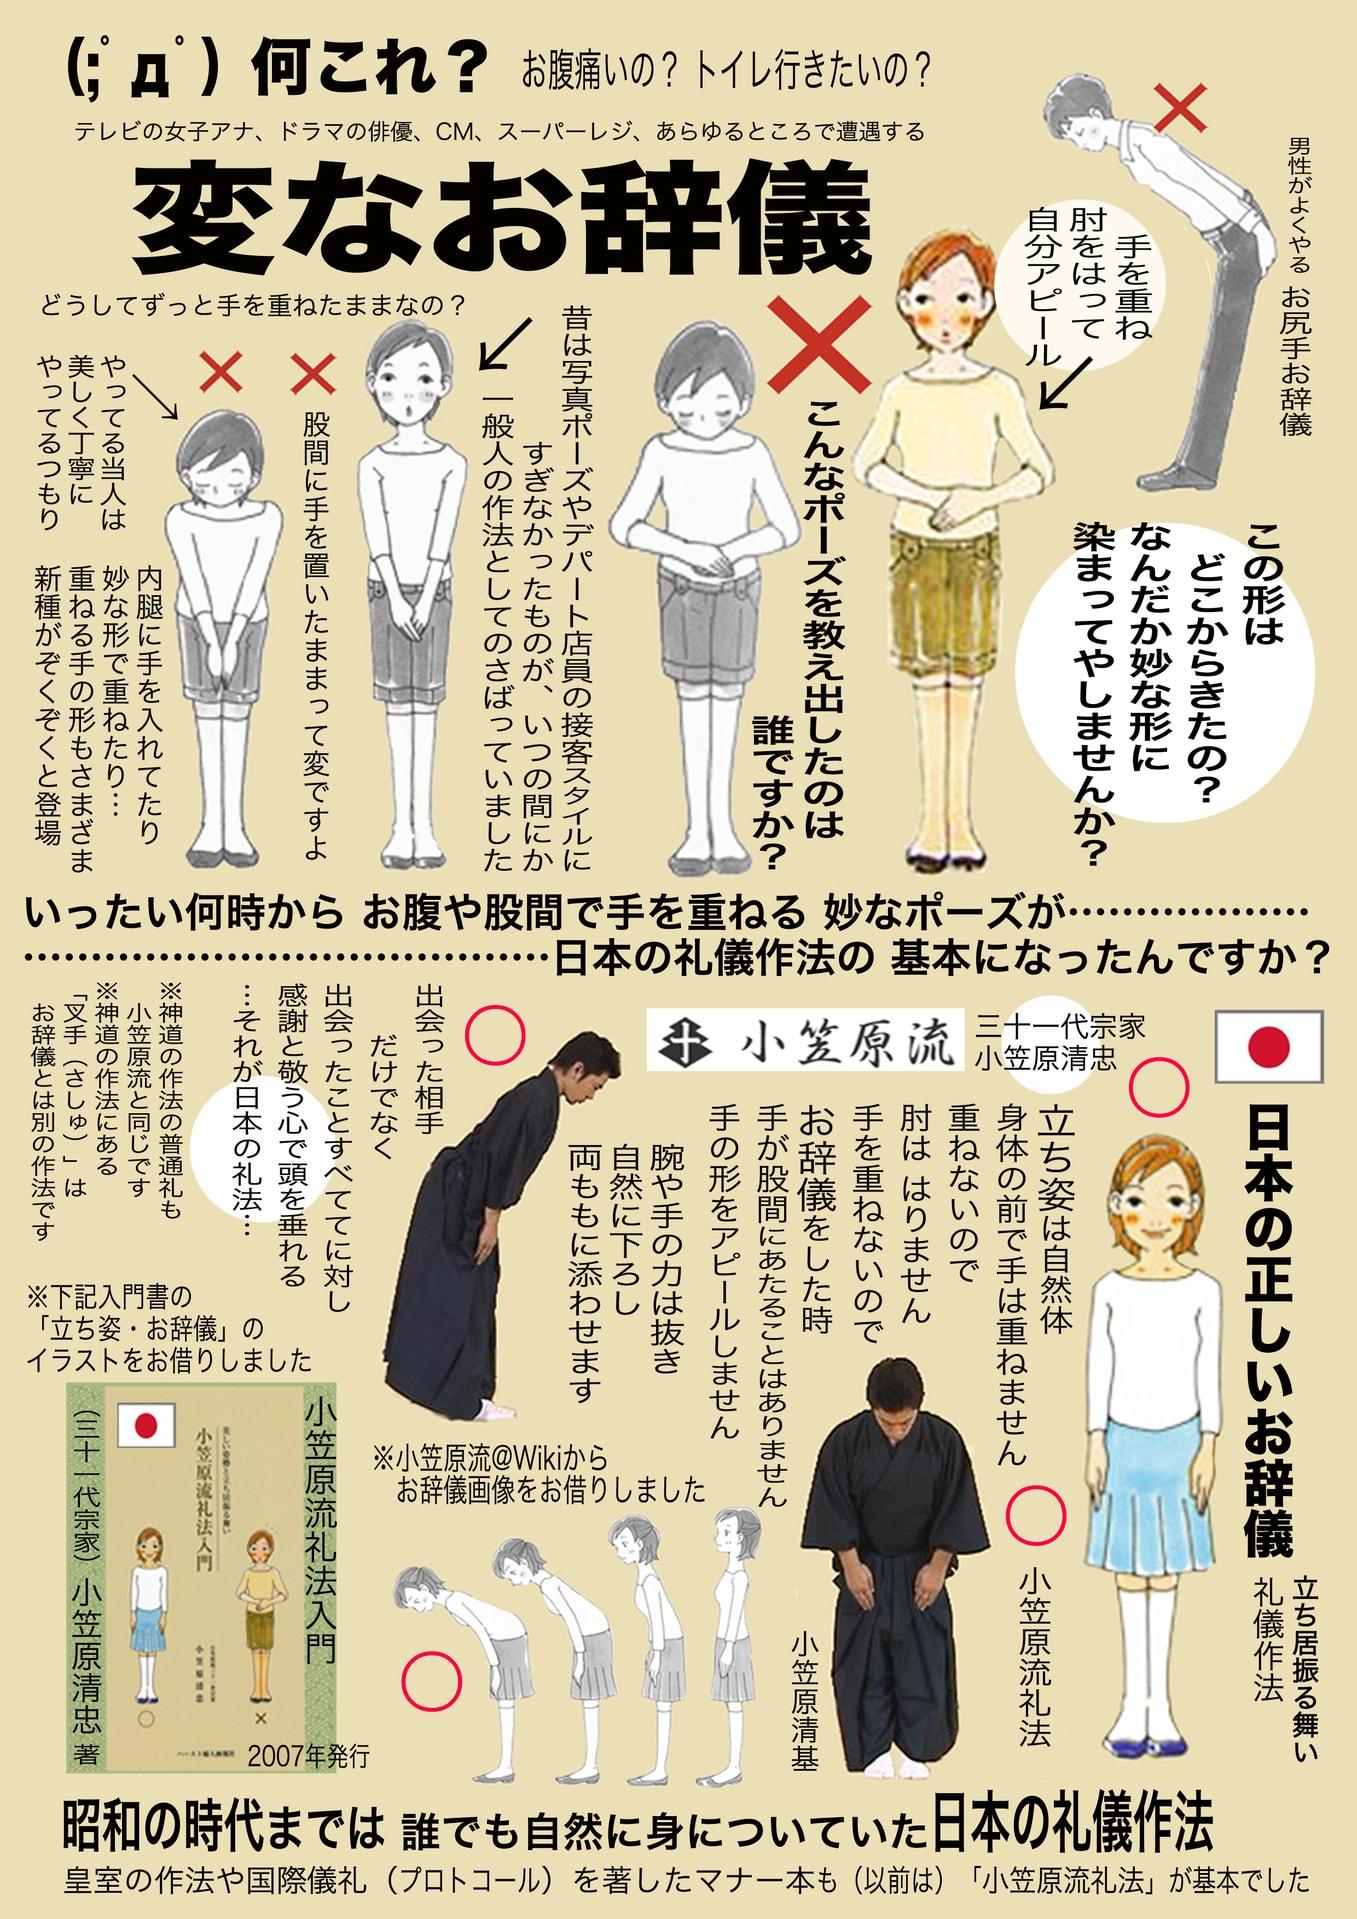 http://blogimg.goo.ne.jp/user_image/5d/3a/8d635844f2d956a93e5e7ba3c64fb2cd.jpg